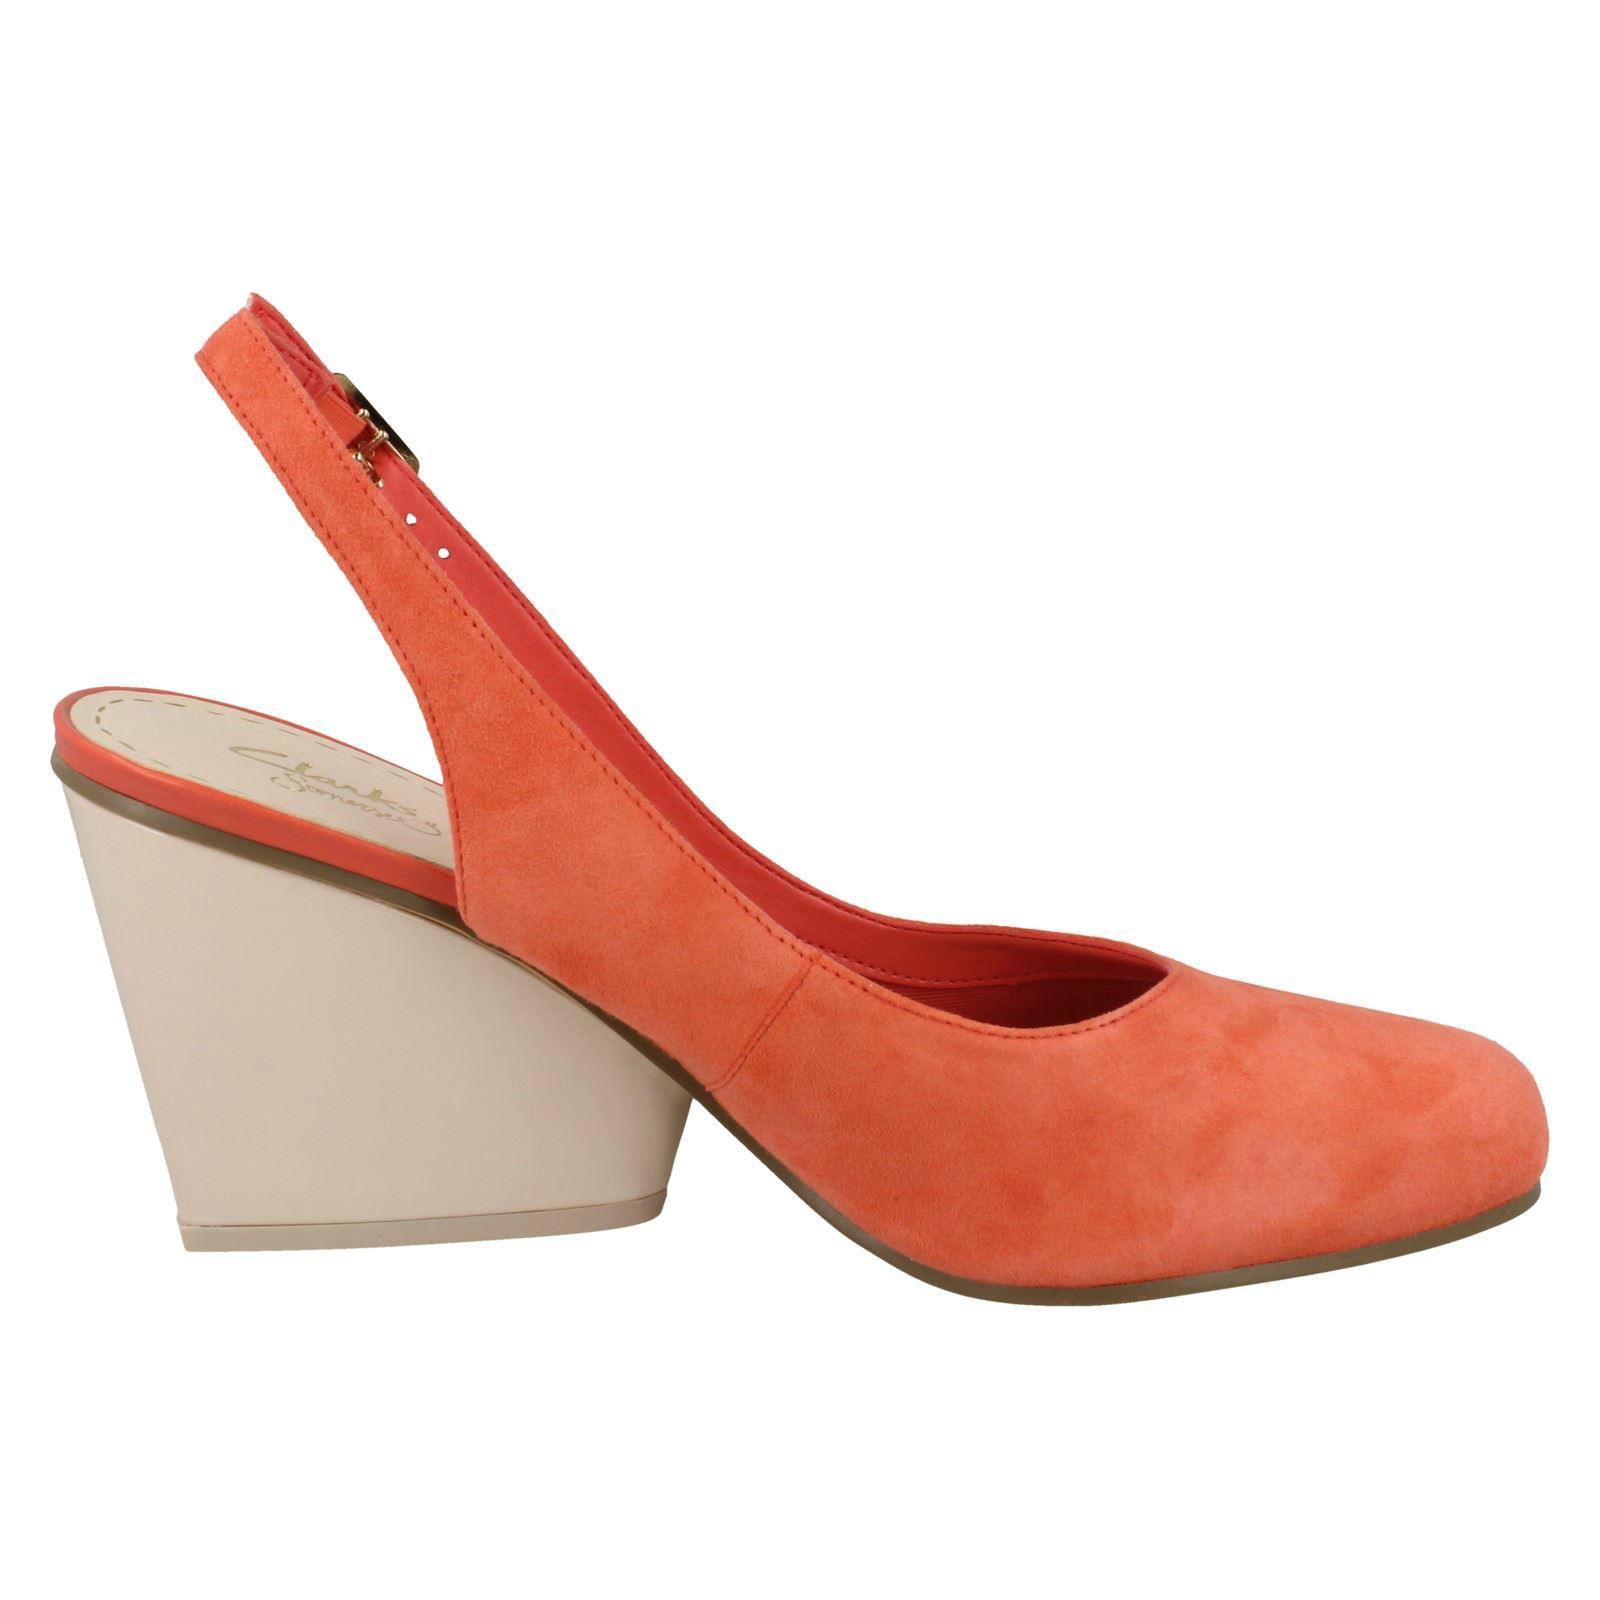 compensés Chaussures orange demerara Sugar Coral à Smart talons Clarks 6PwxEvRP